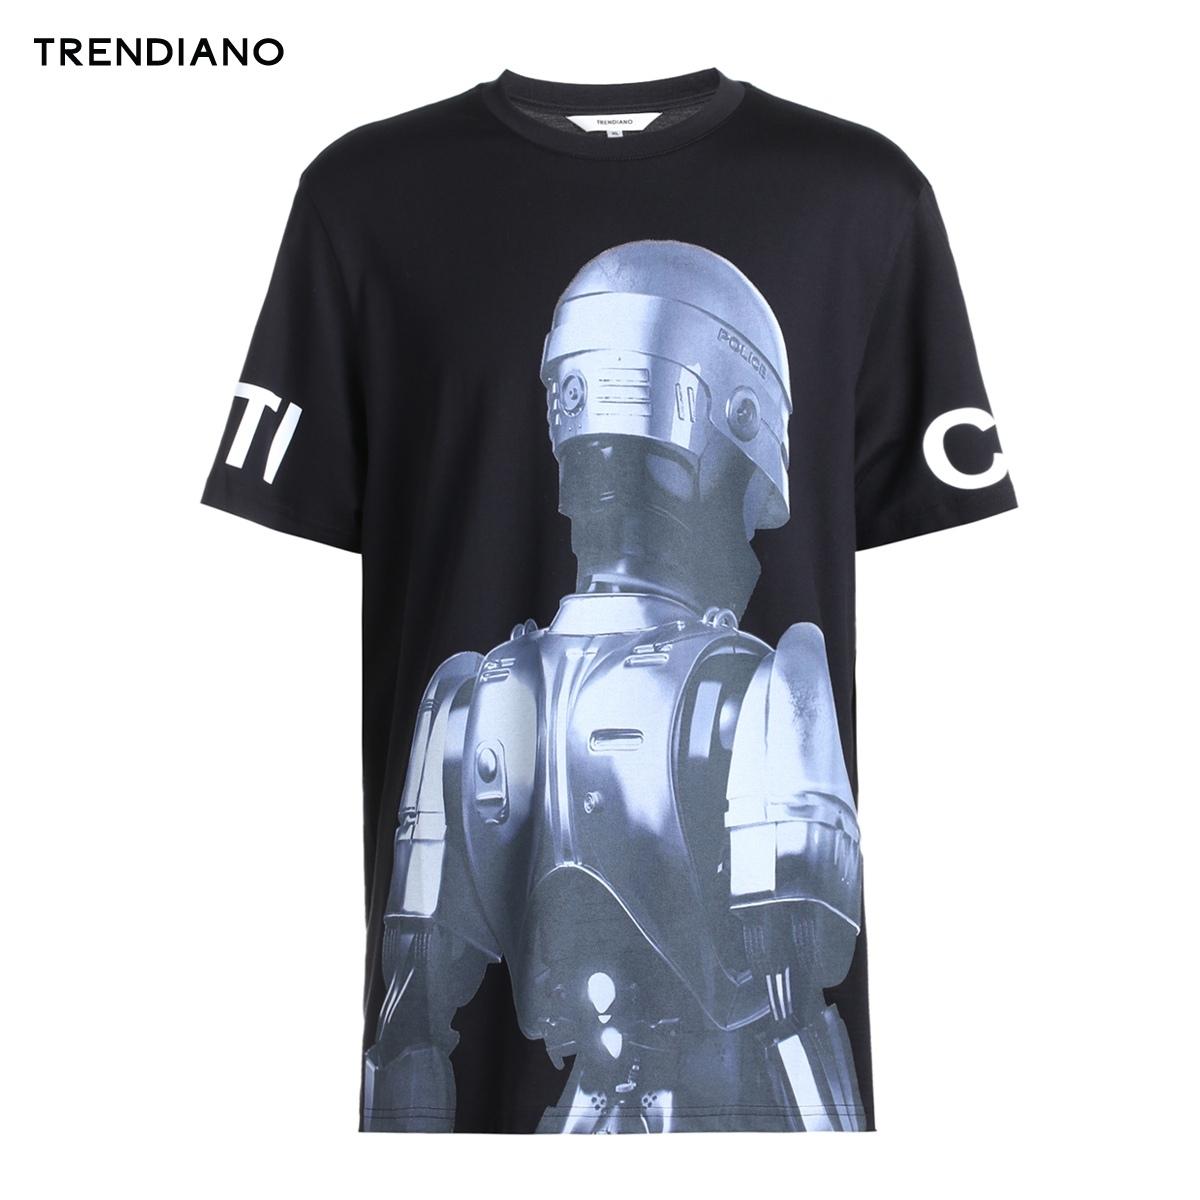 TRENDIANO 3JC2022340 男装 字母图案纯棉圆领短袖T恤 *3件 165.9元(合55.3元/件)